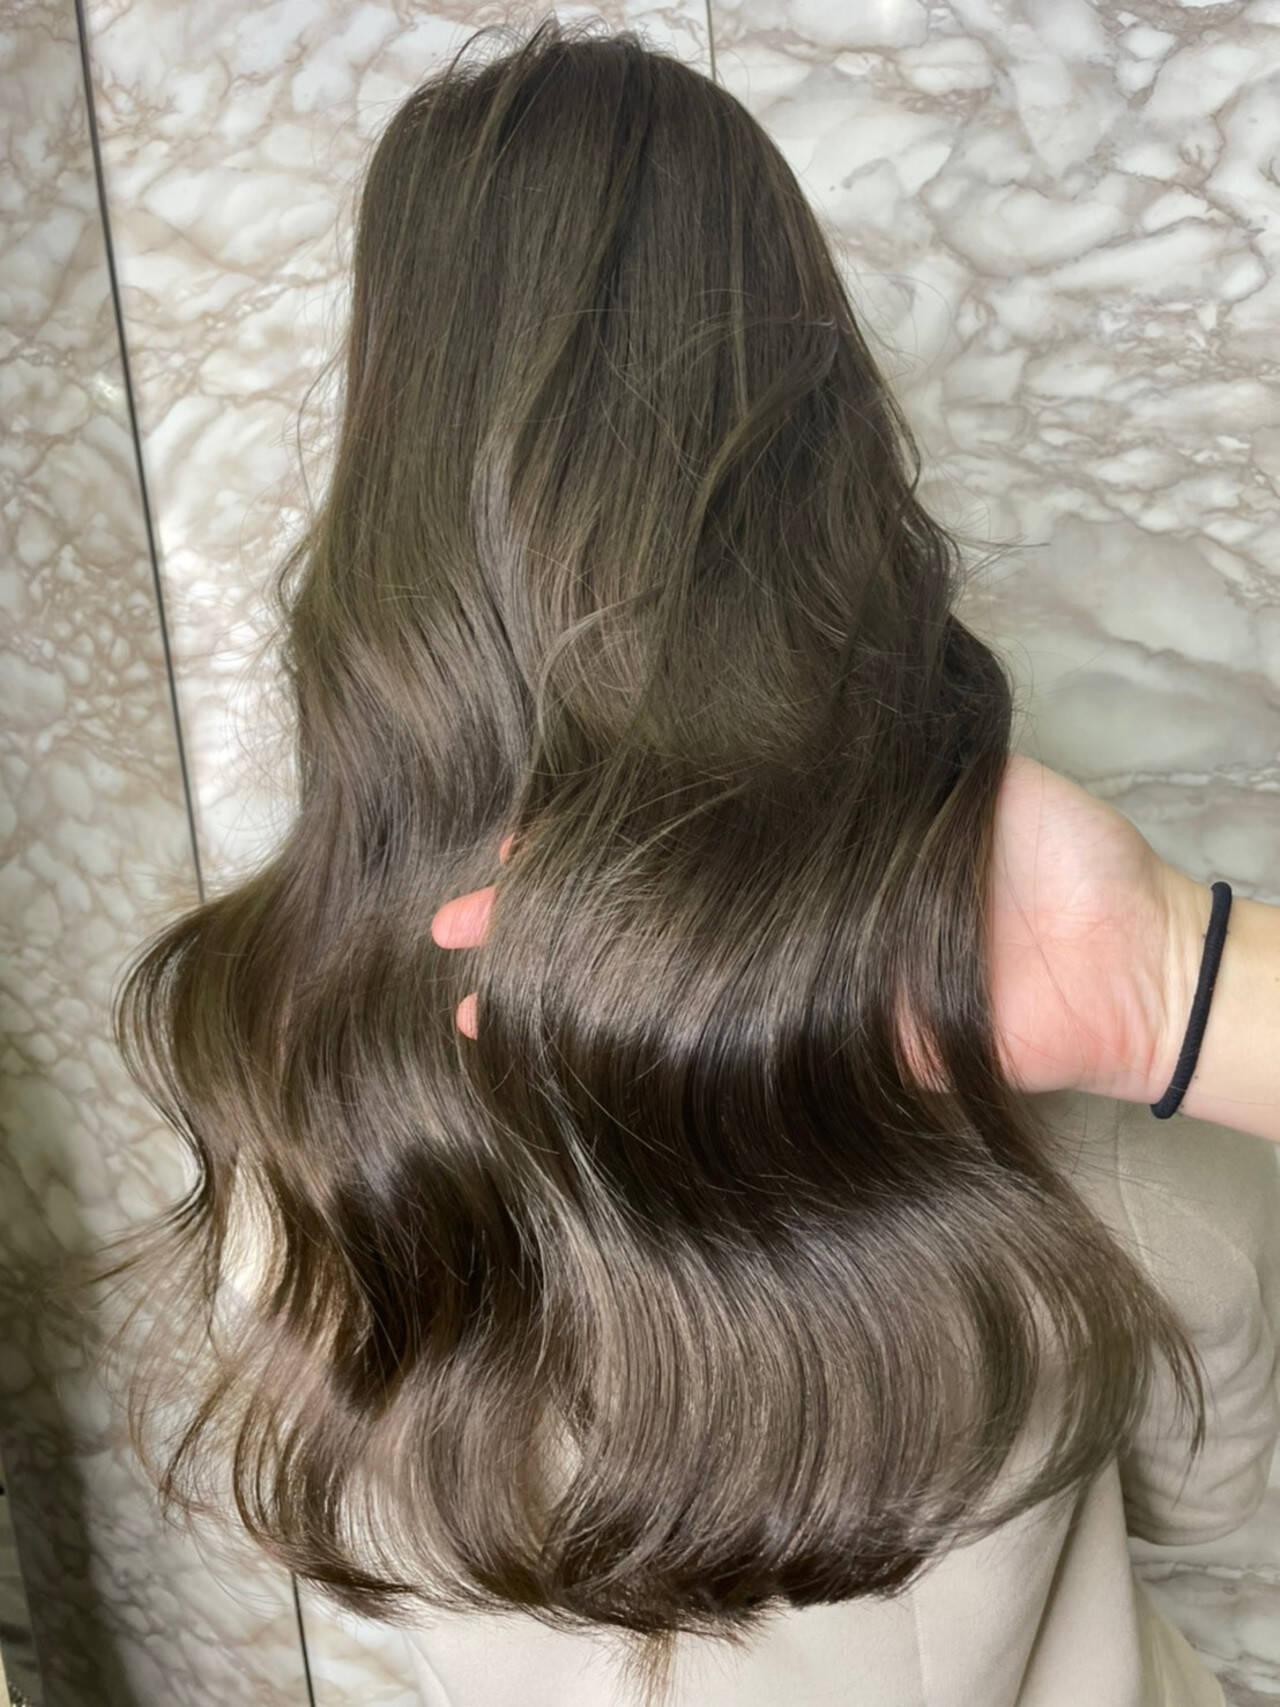 オリーブグレージュ 透明感カラー ロング シアーベージュヘアスタイルや髪型の写真・画像